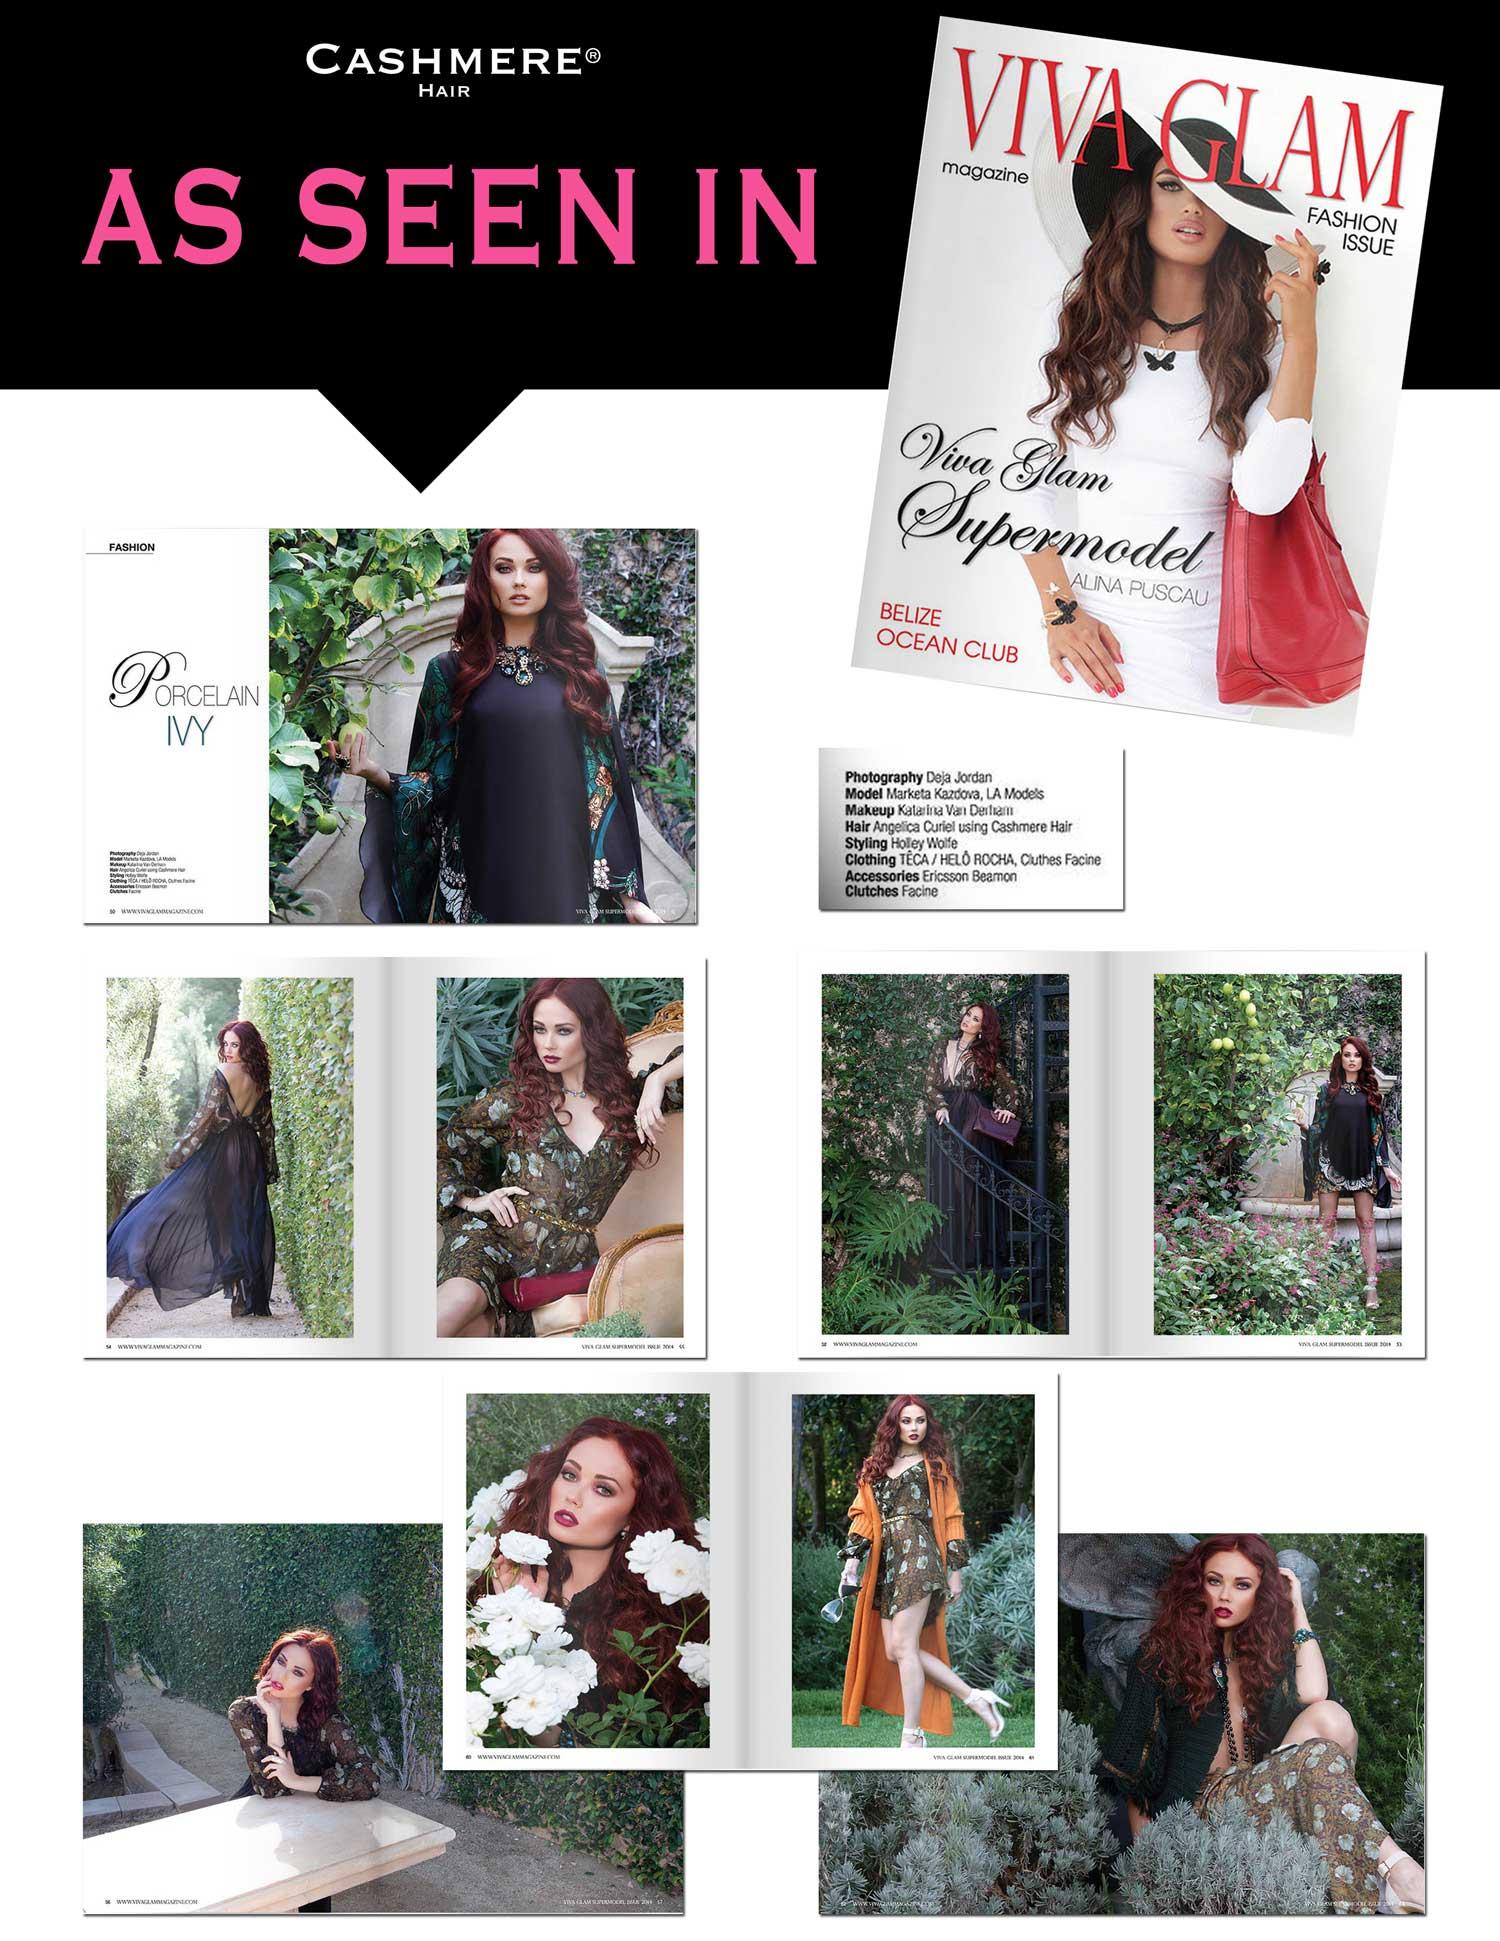 viva-glam-magazine-fashion-issue.jpg